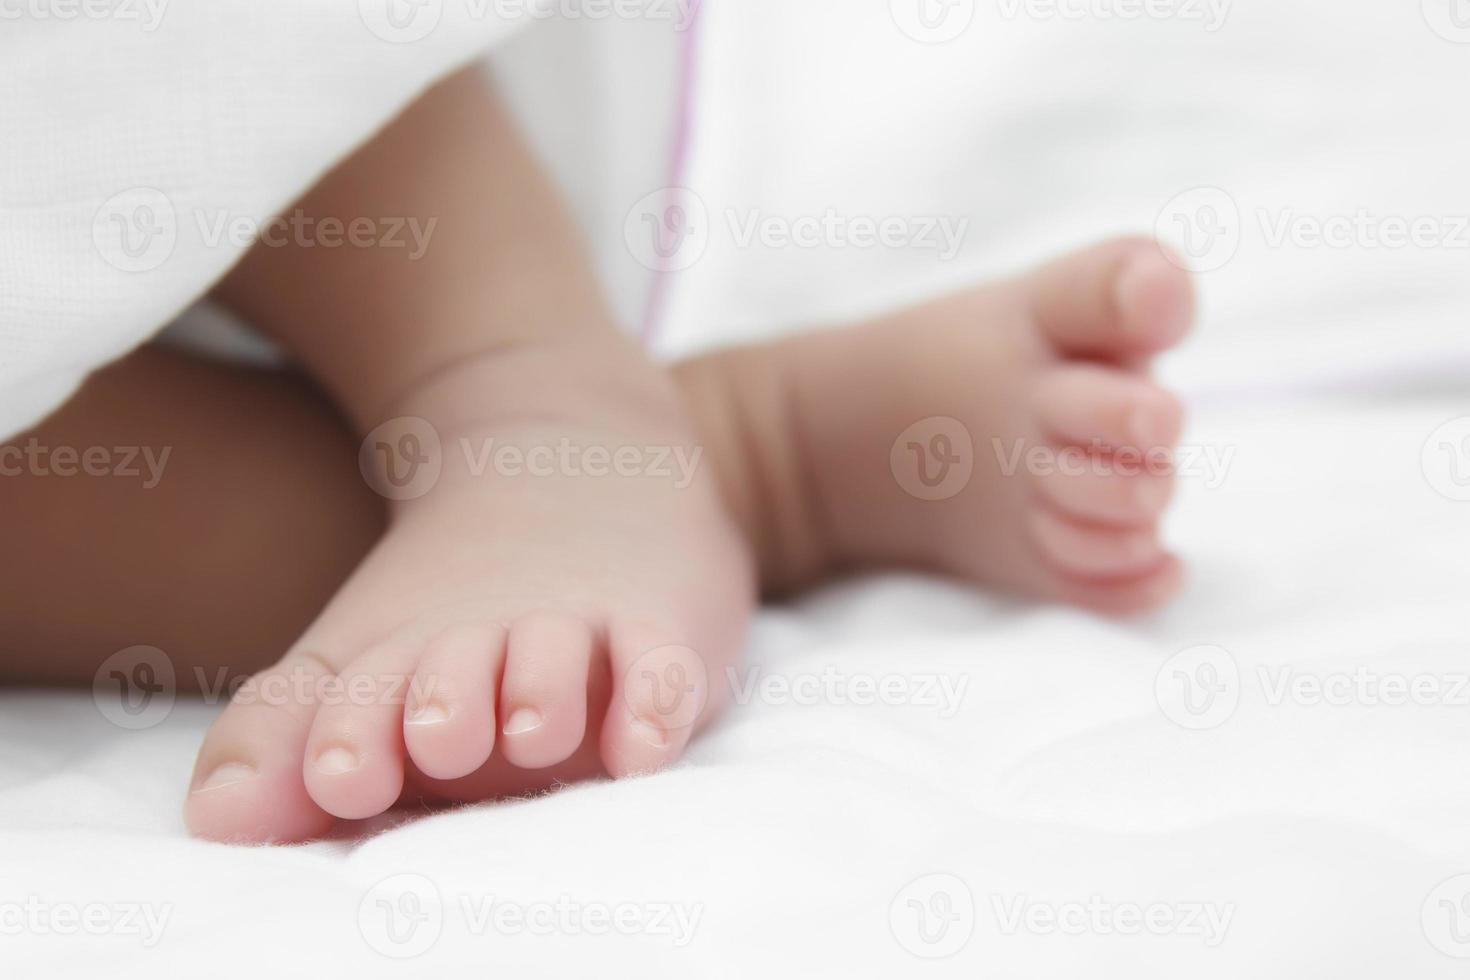 voet van pasgeboren baby foto